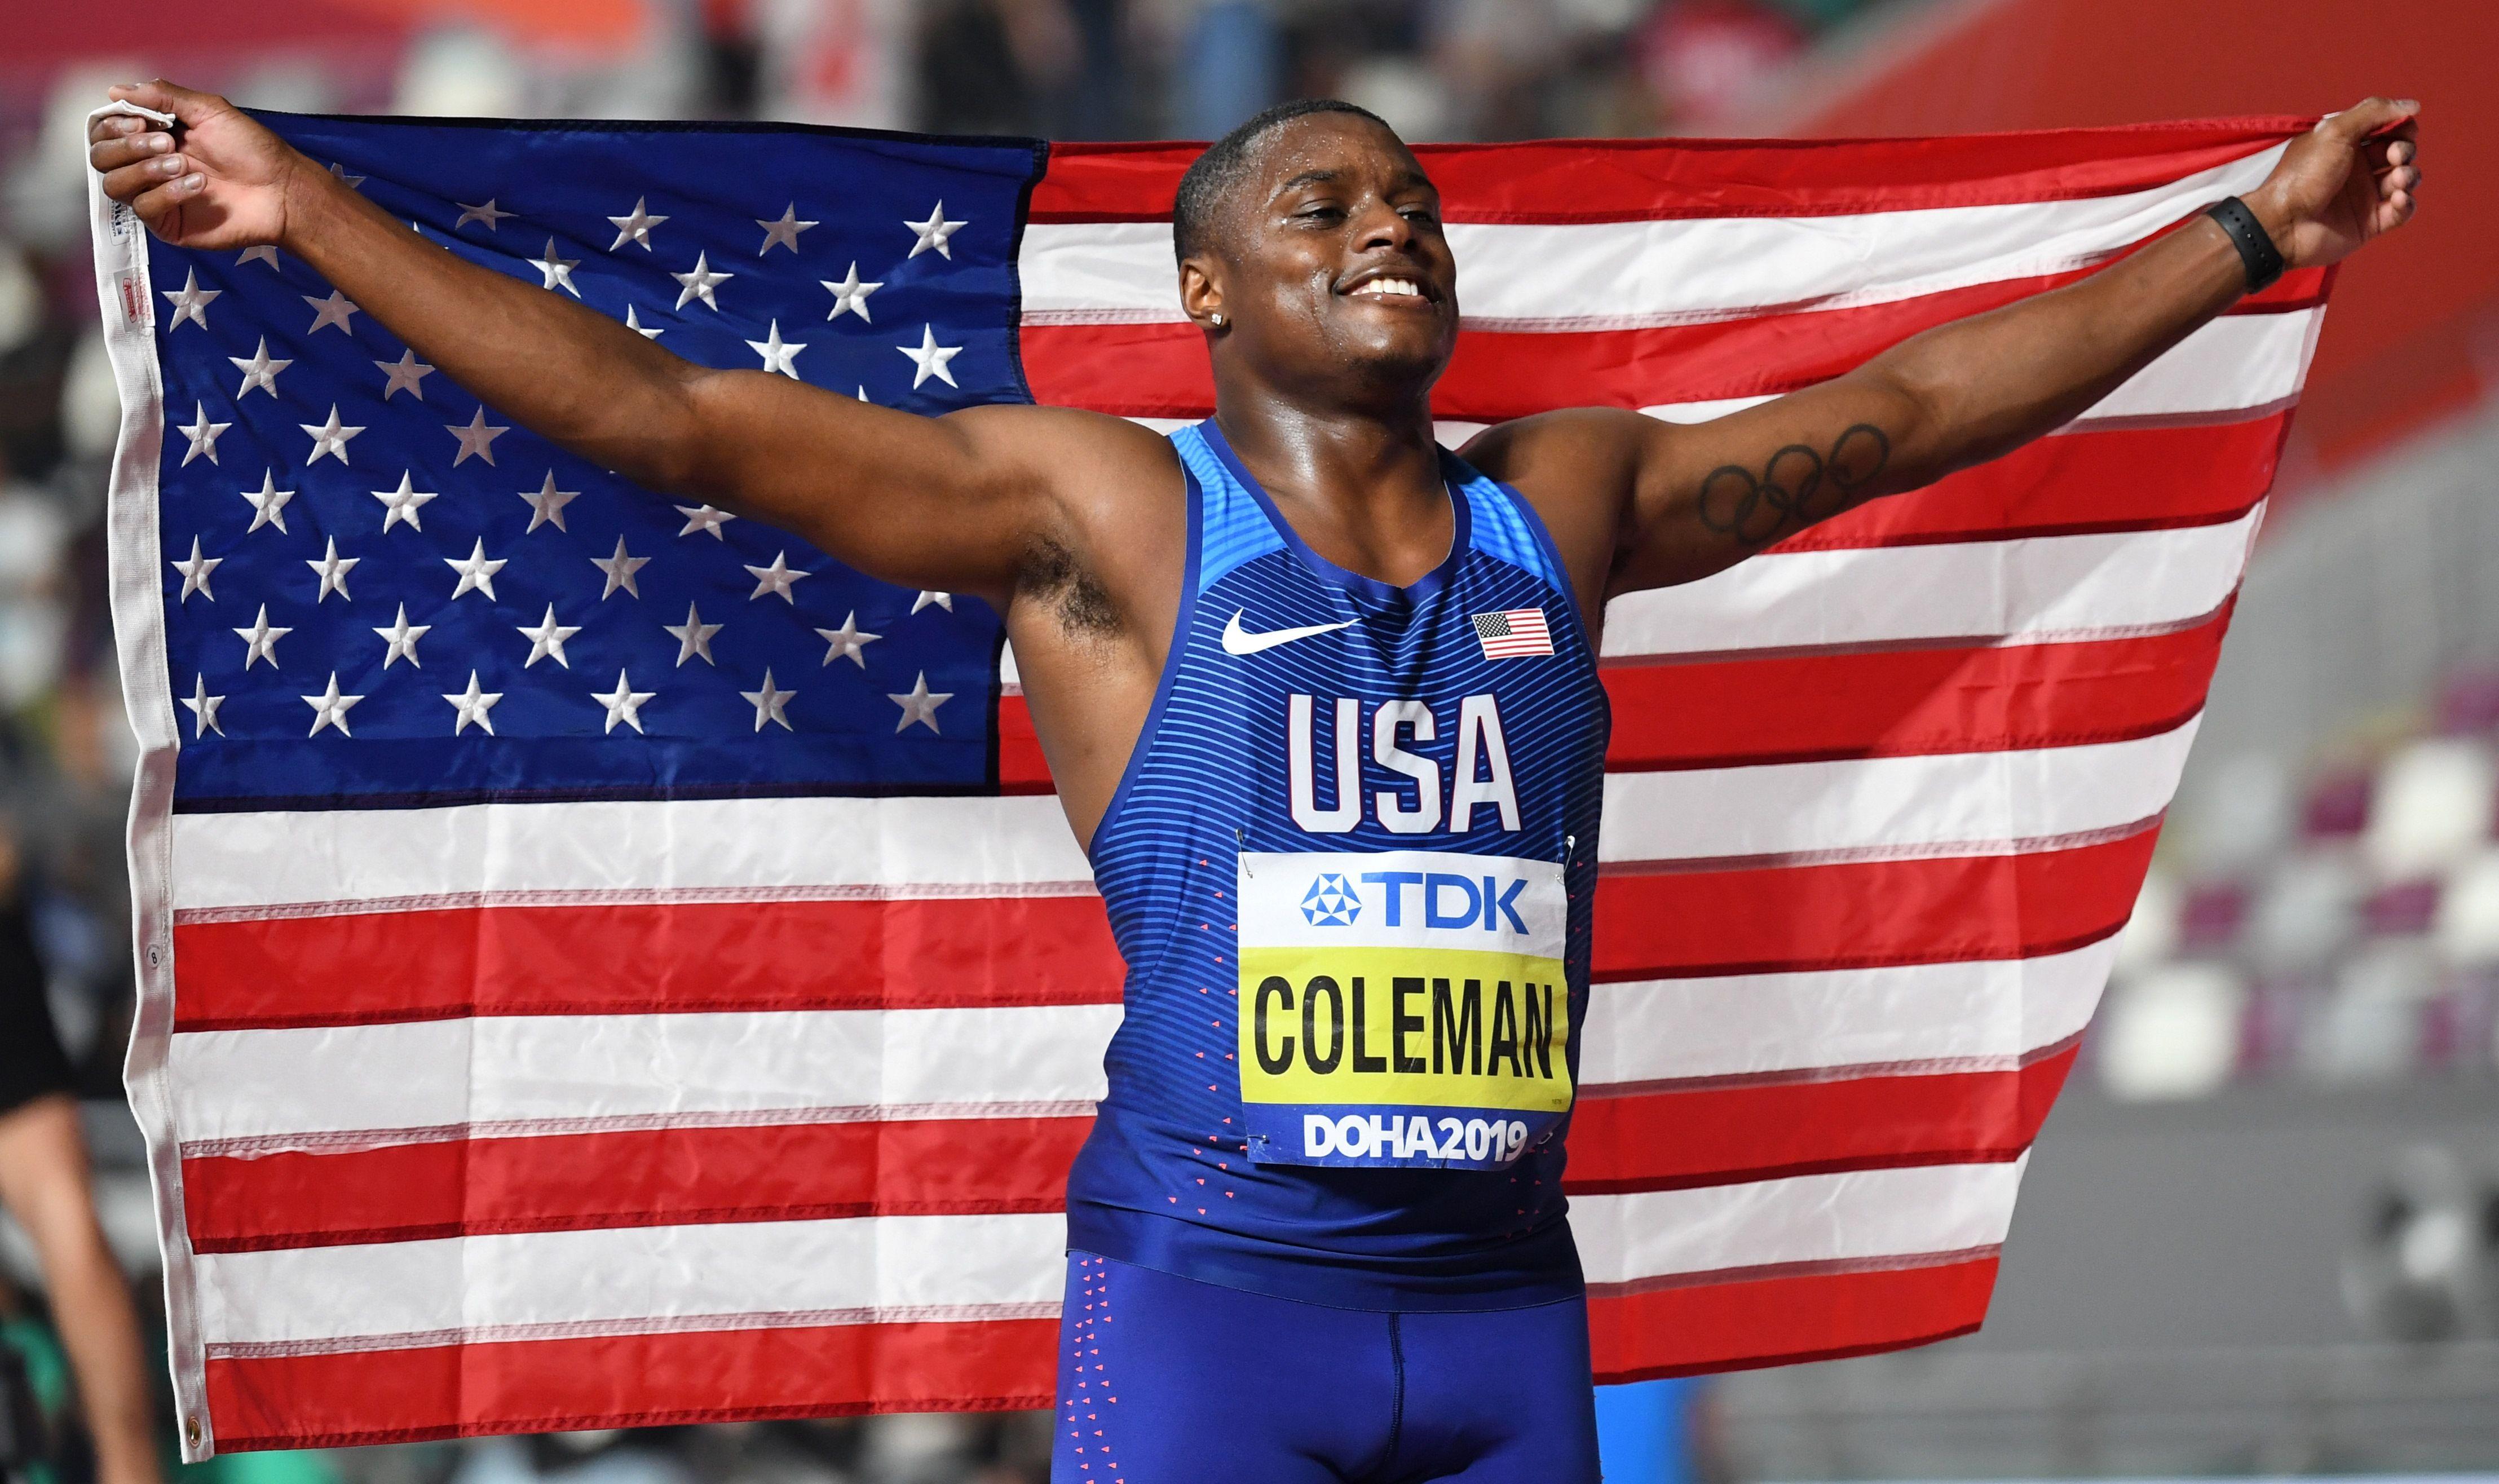 Mondiaux de Doha : l'Américain Coleman champion du monde du 100 m